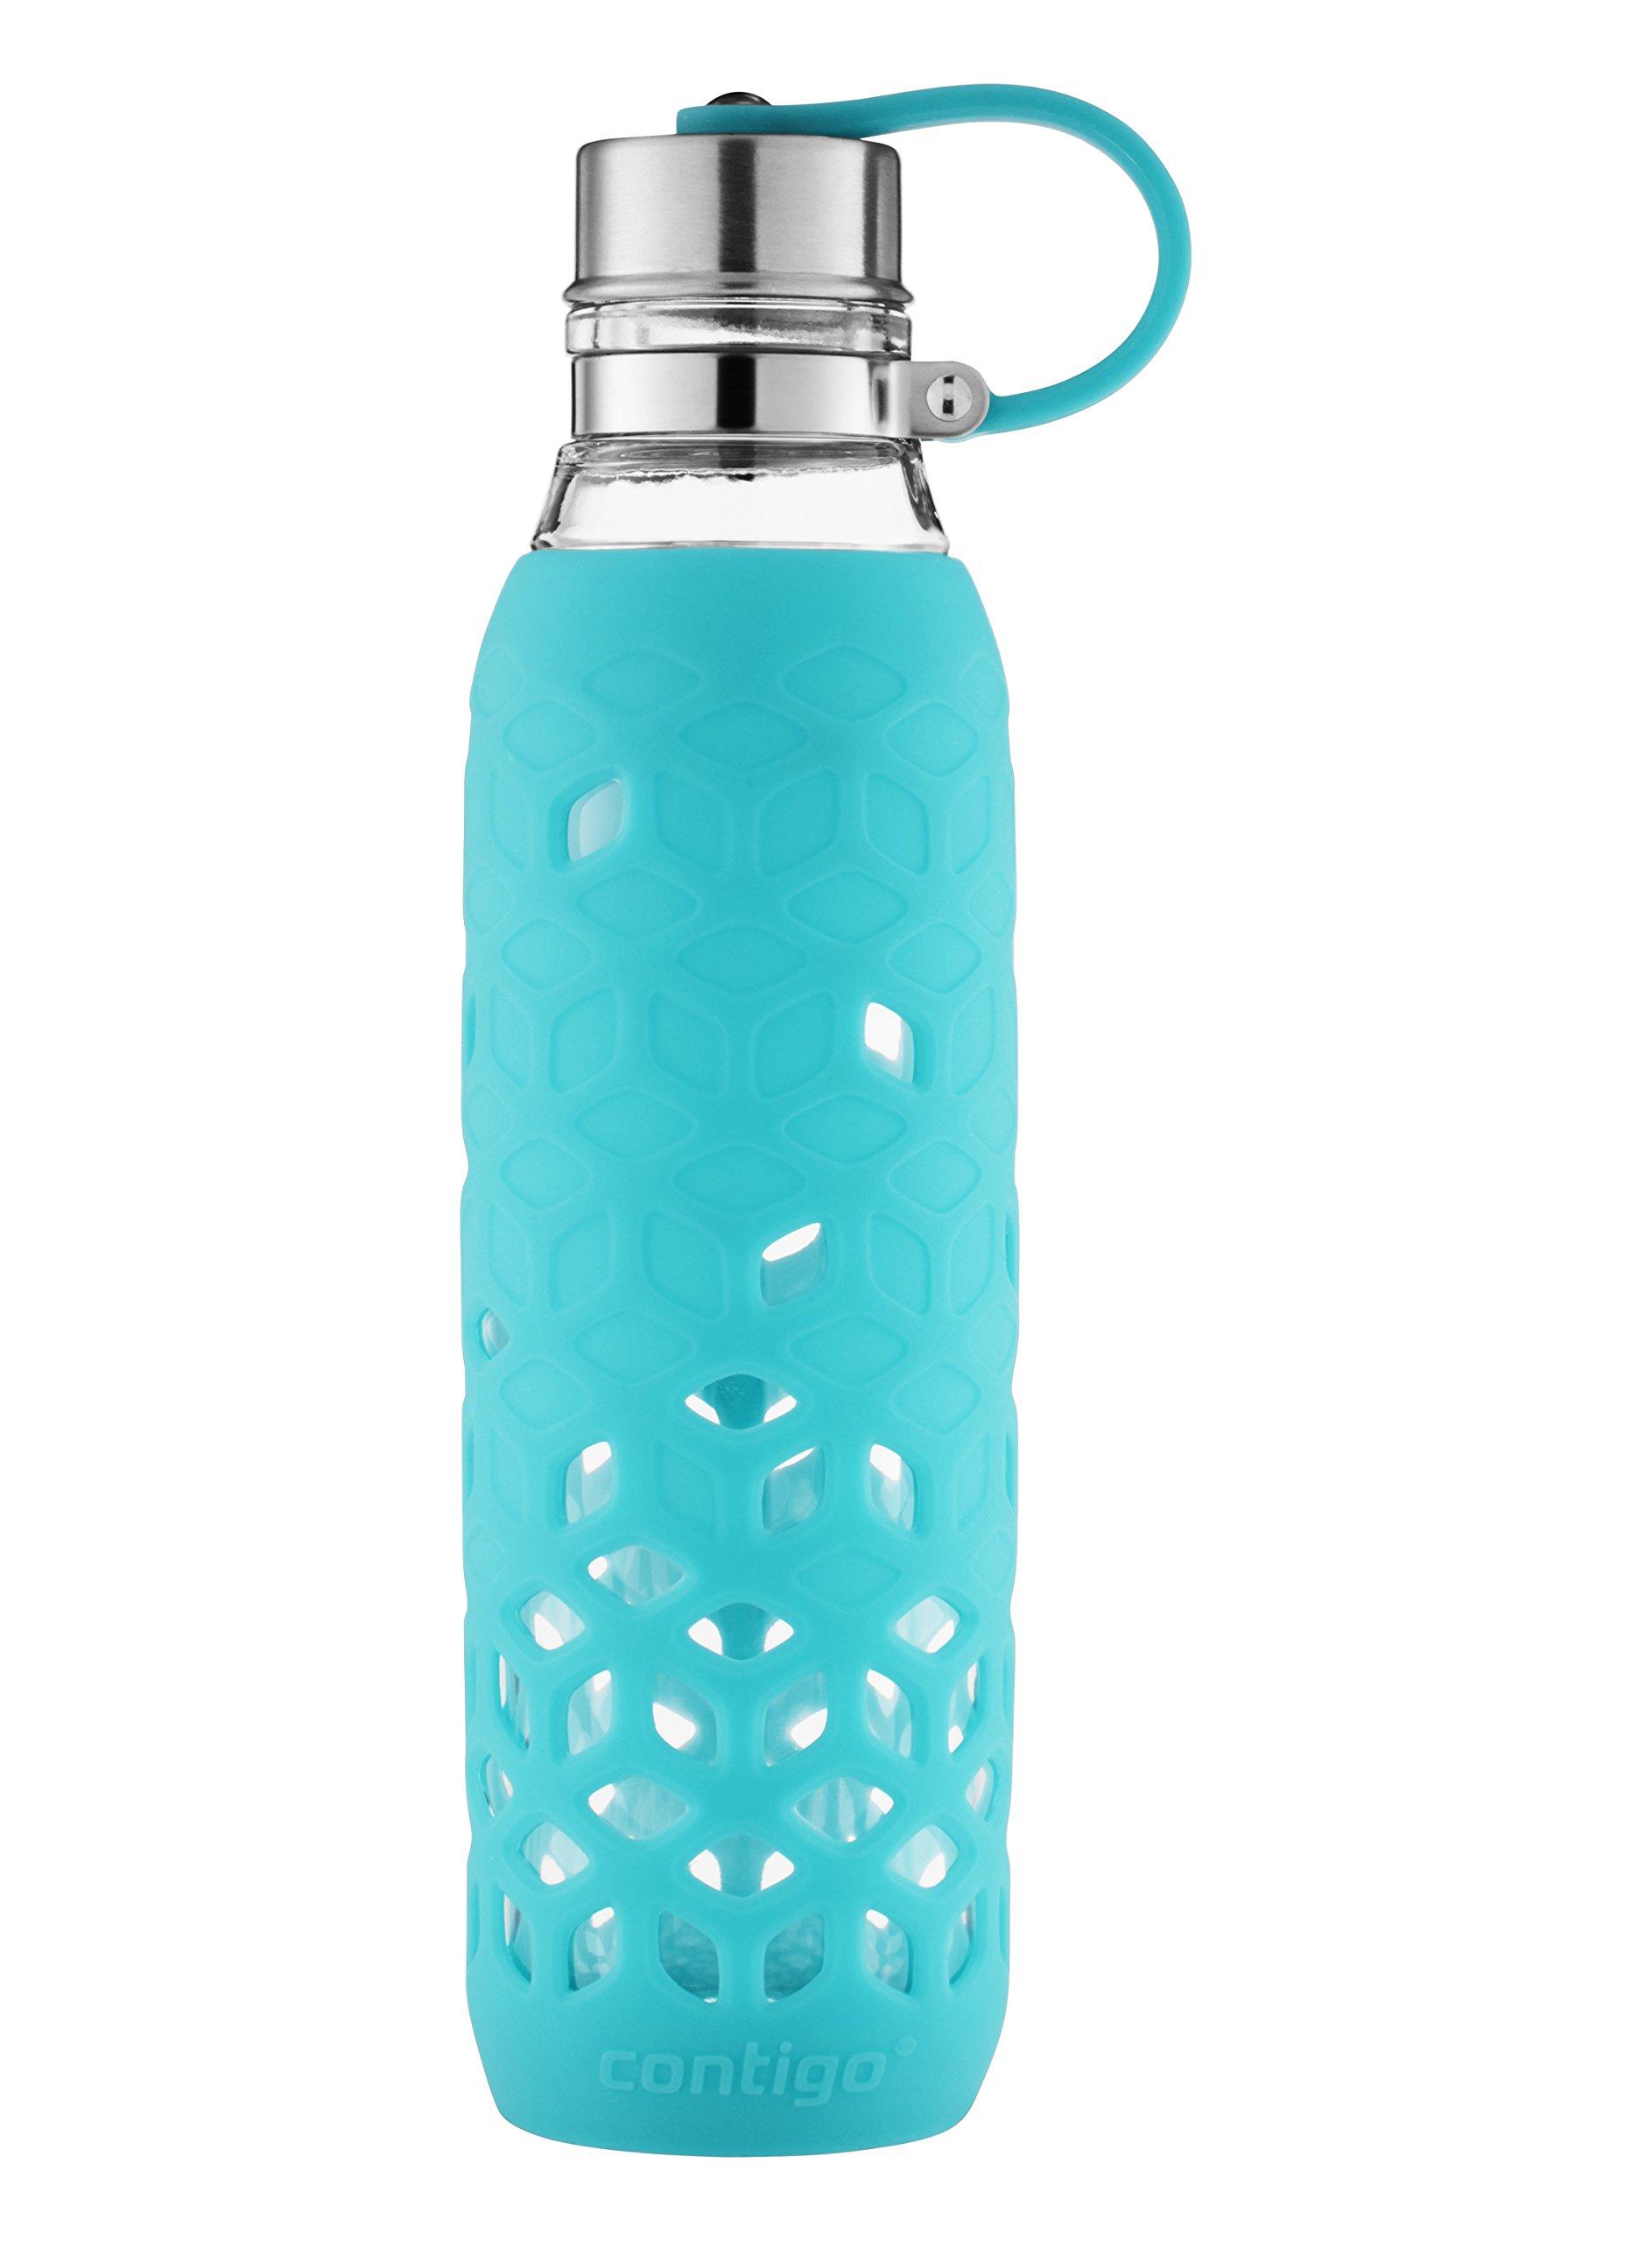 Contigo Purity Glass Water Bottle with Petal Sleeve, 20oz, Scuba